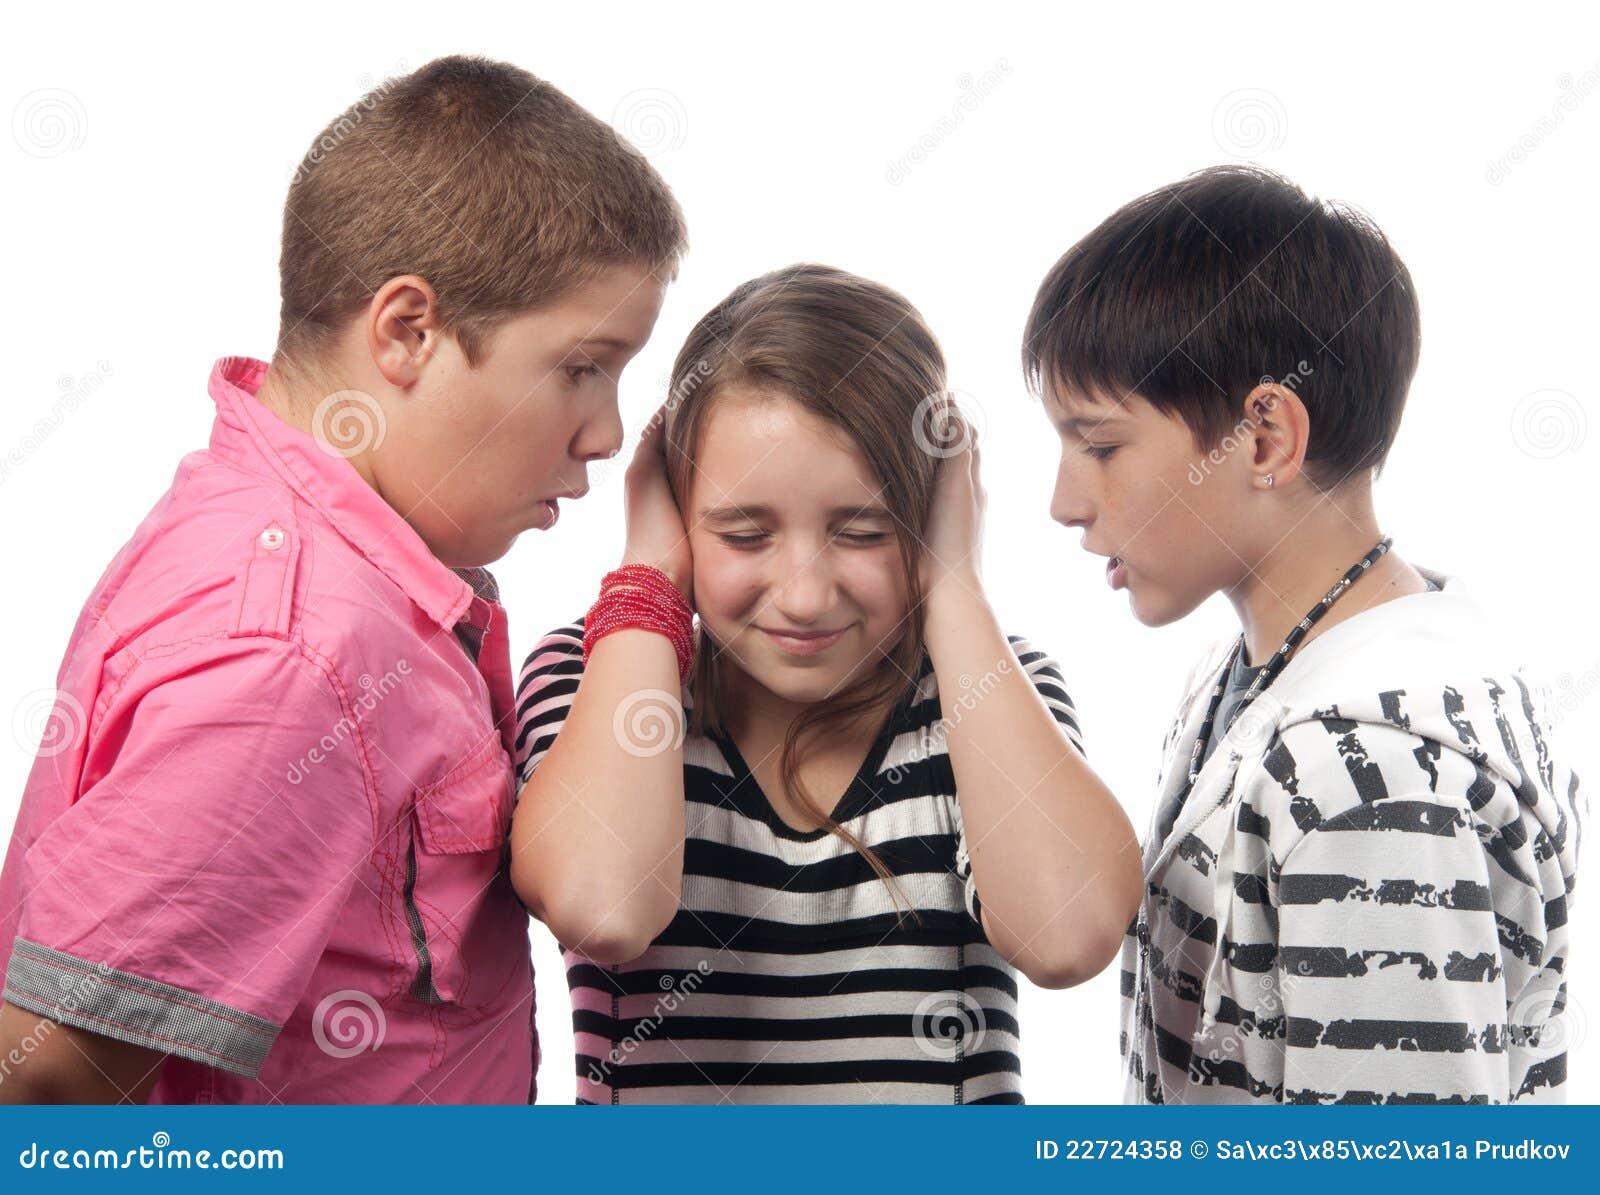 Two angry teenage boys and the girl